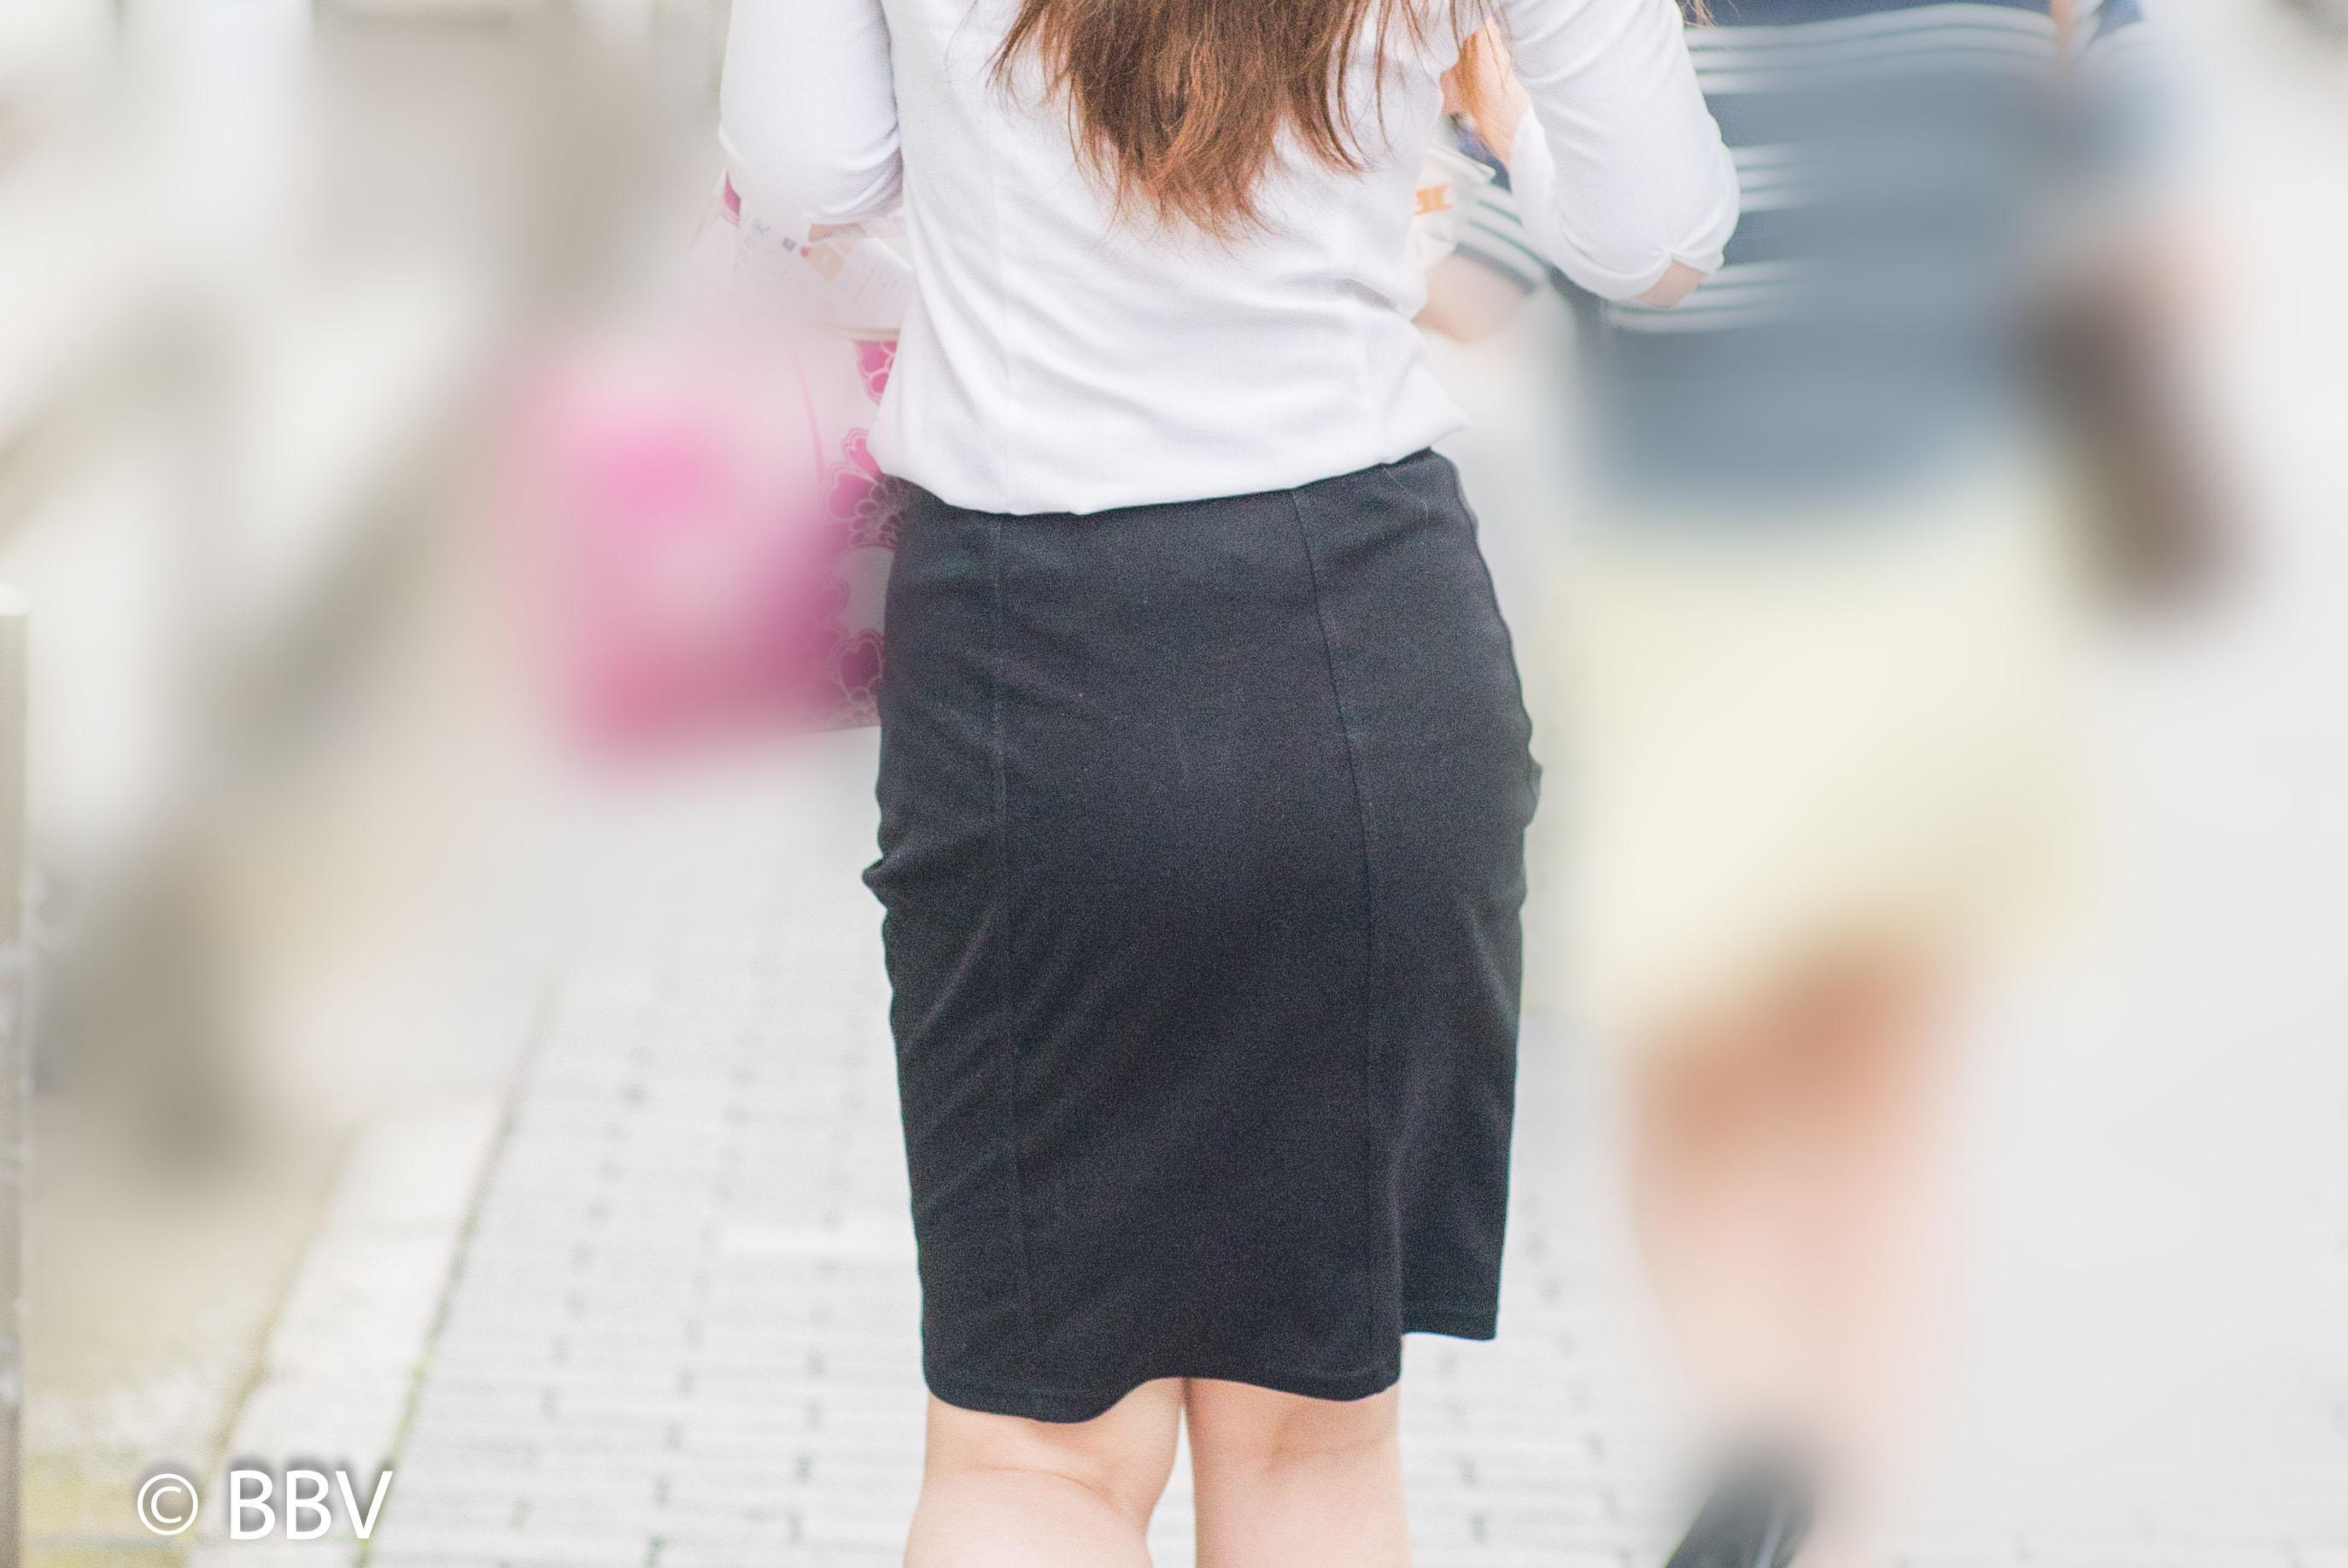 お尻を左右に揺らして歩く黒いタイトスカートのOLさん